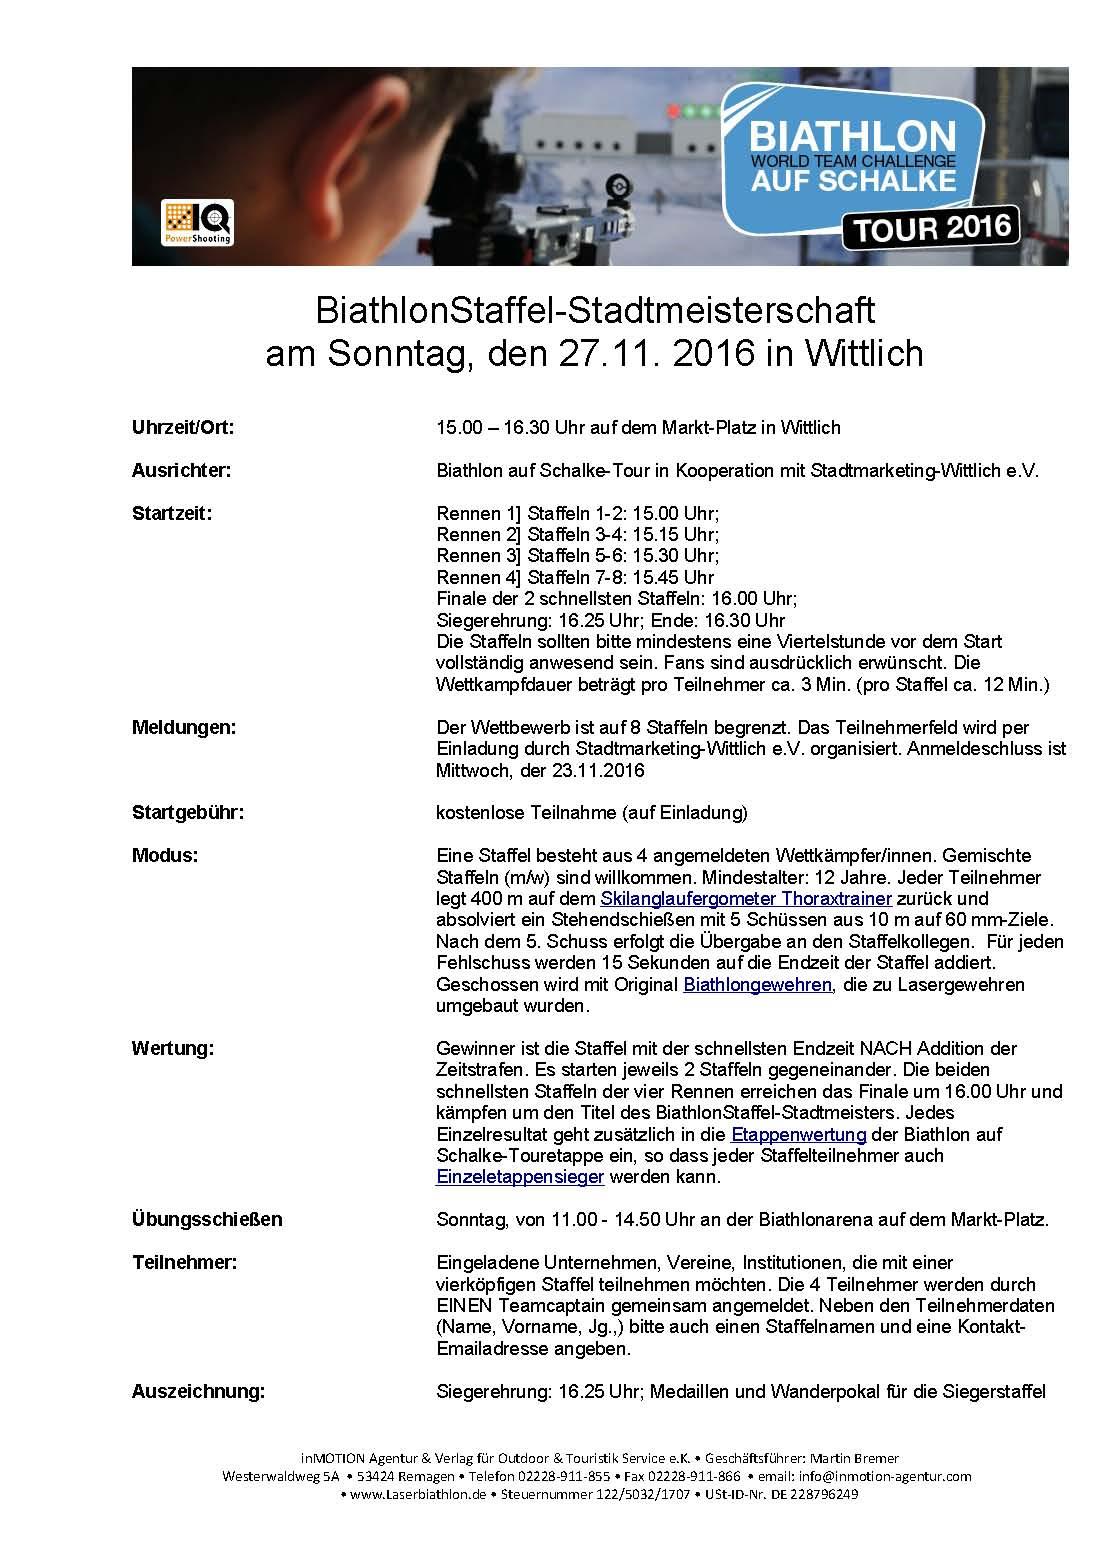 biathlonstaffel_stadtmeisterschaft_27_11_2016_seite_1